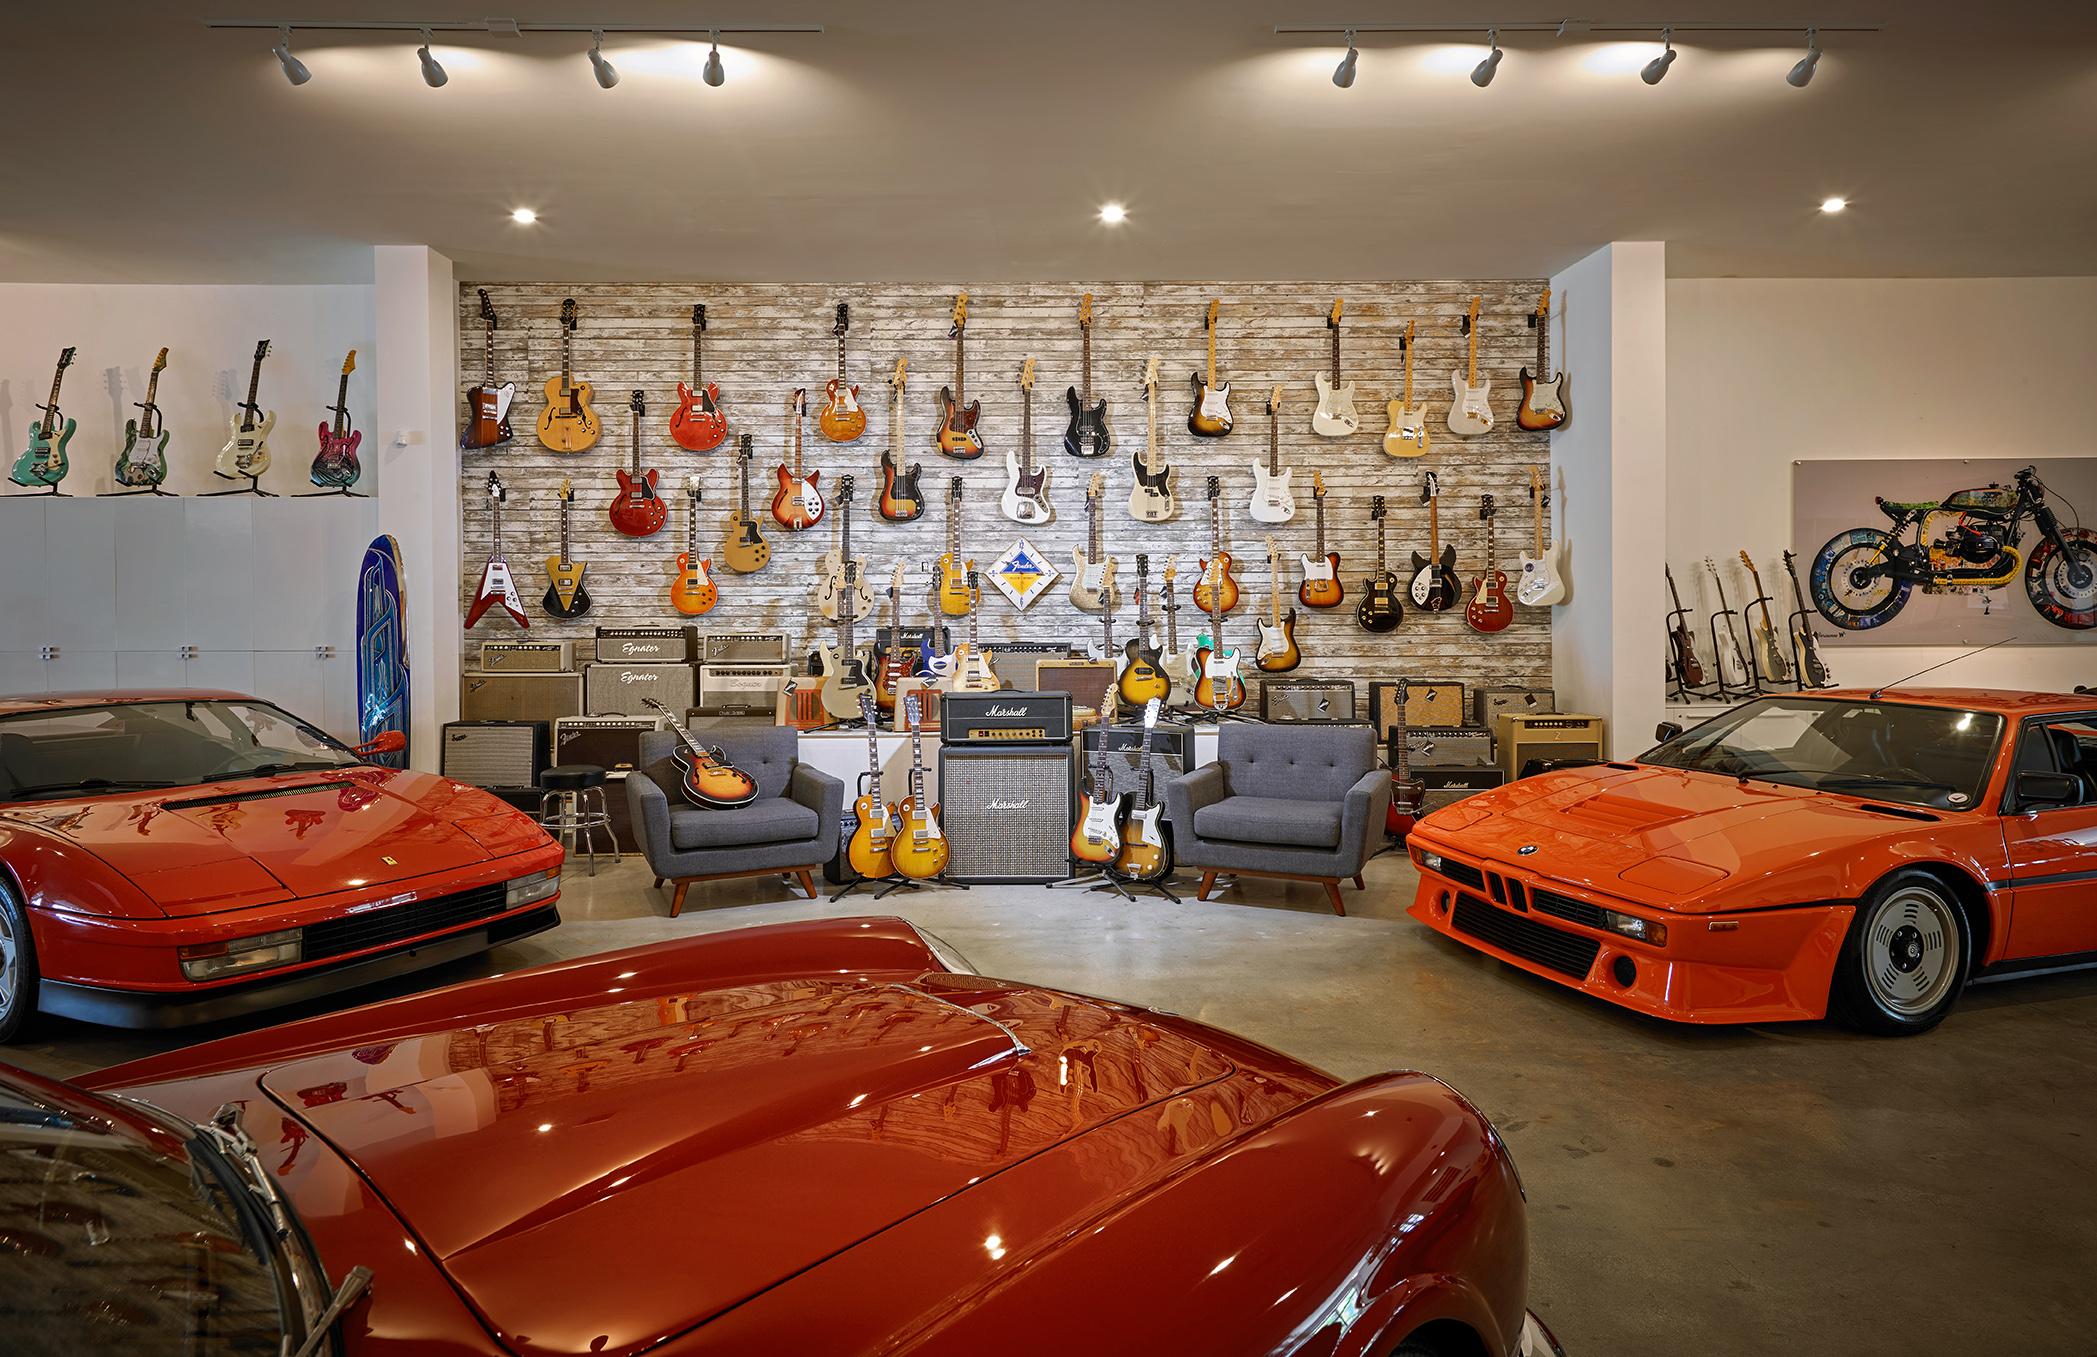 Walt Grace Vintage | Vintage Car and Guitar Gallery in Wynwood, Miami